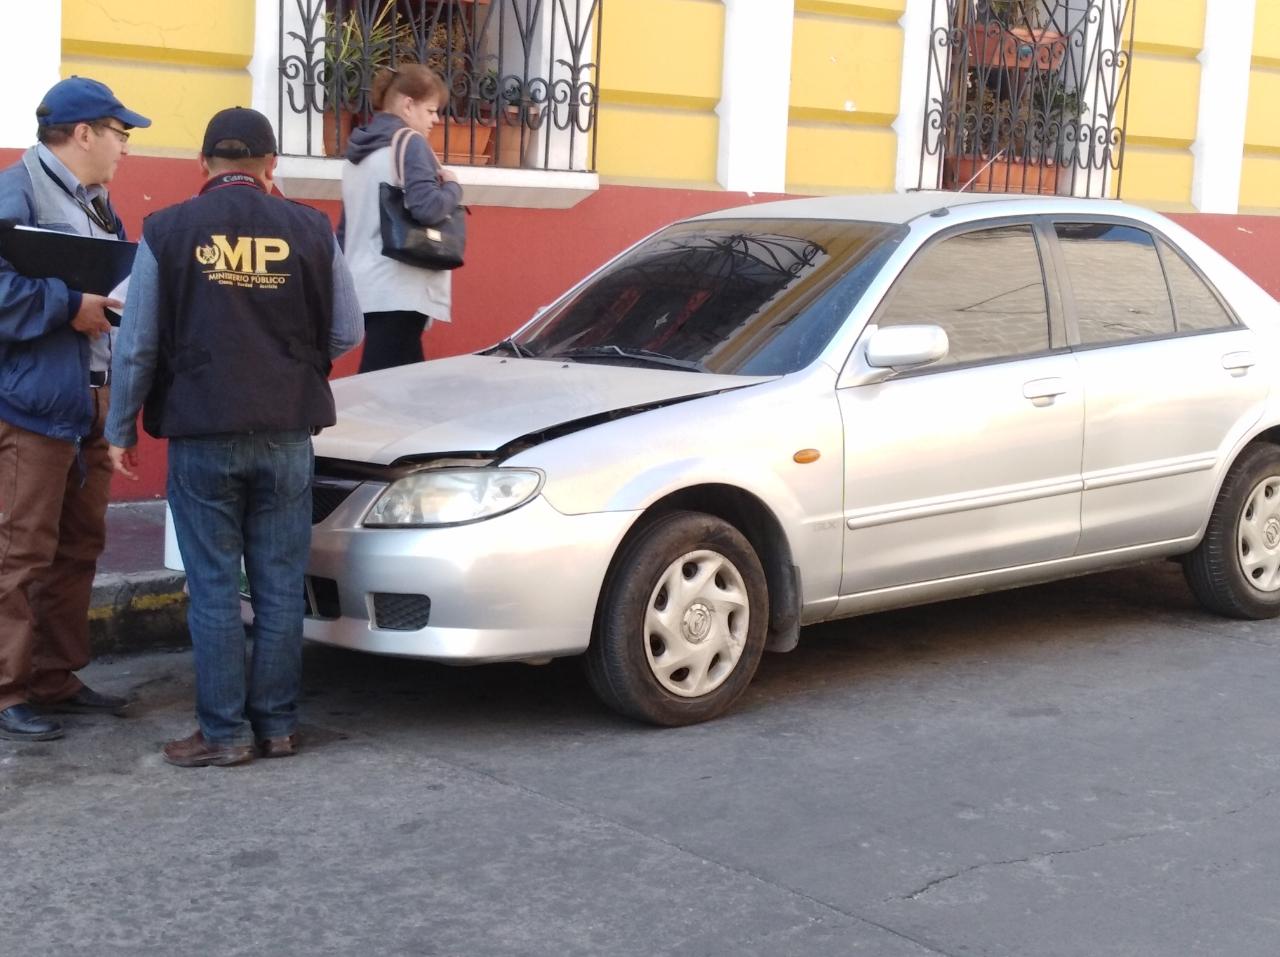 Investigadores del MP llegaron al lugar donde ocurrió el robo para recabar evidencias. (Foto Prensa Libre: cortesía)